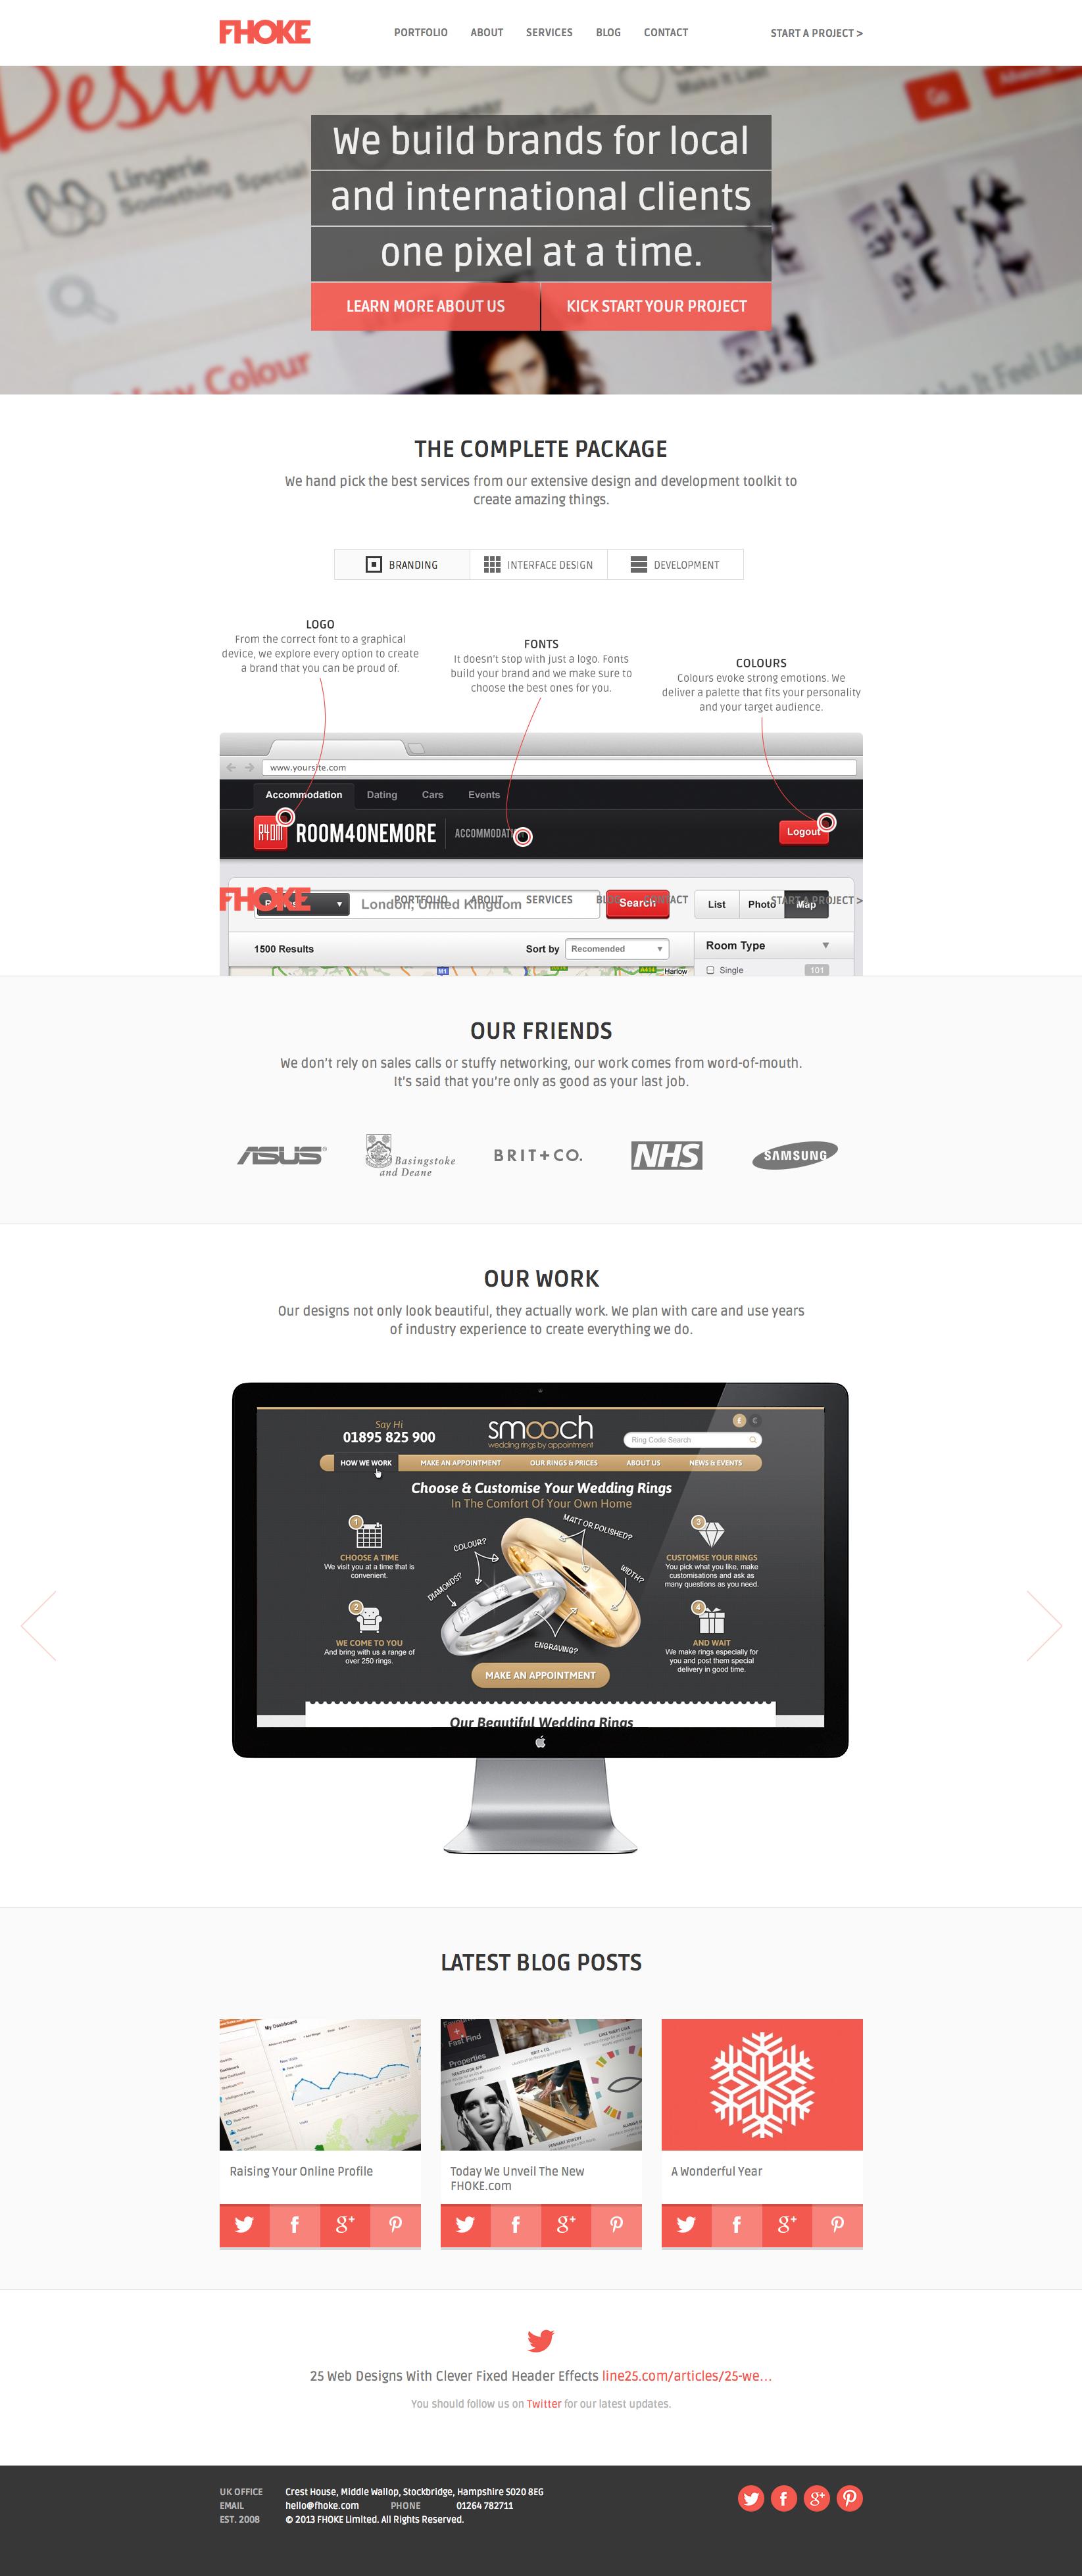 Fhoke Responsive Website Web Design Affordable Web Design Web Design Company